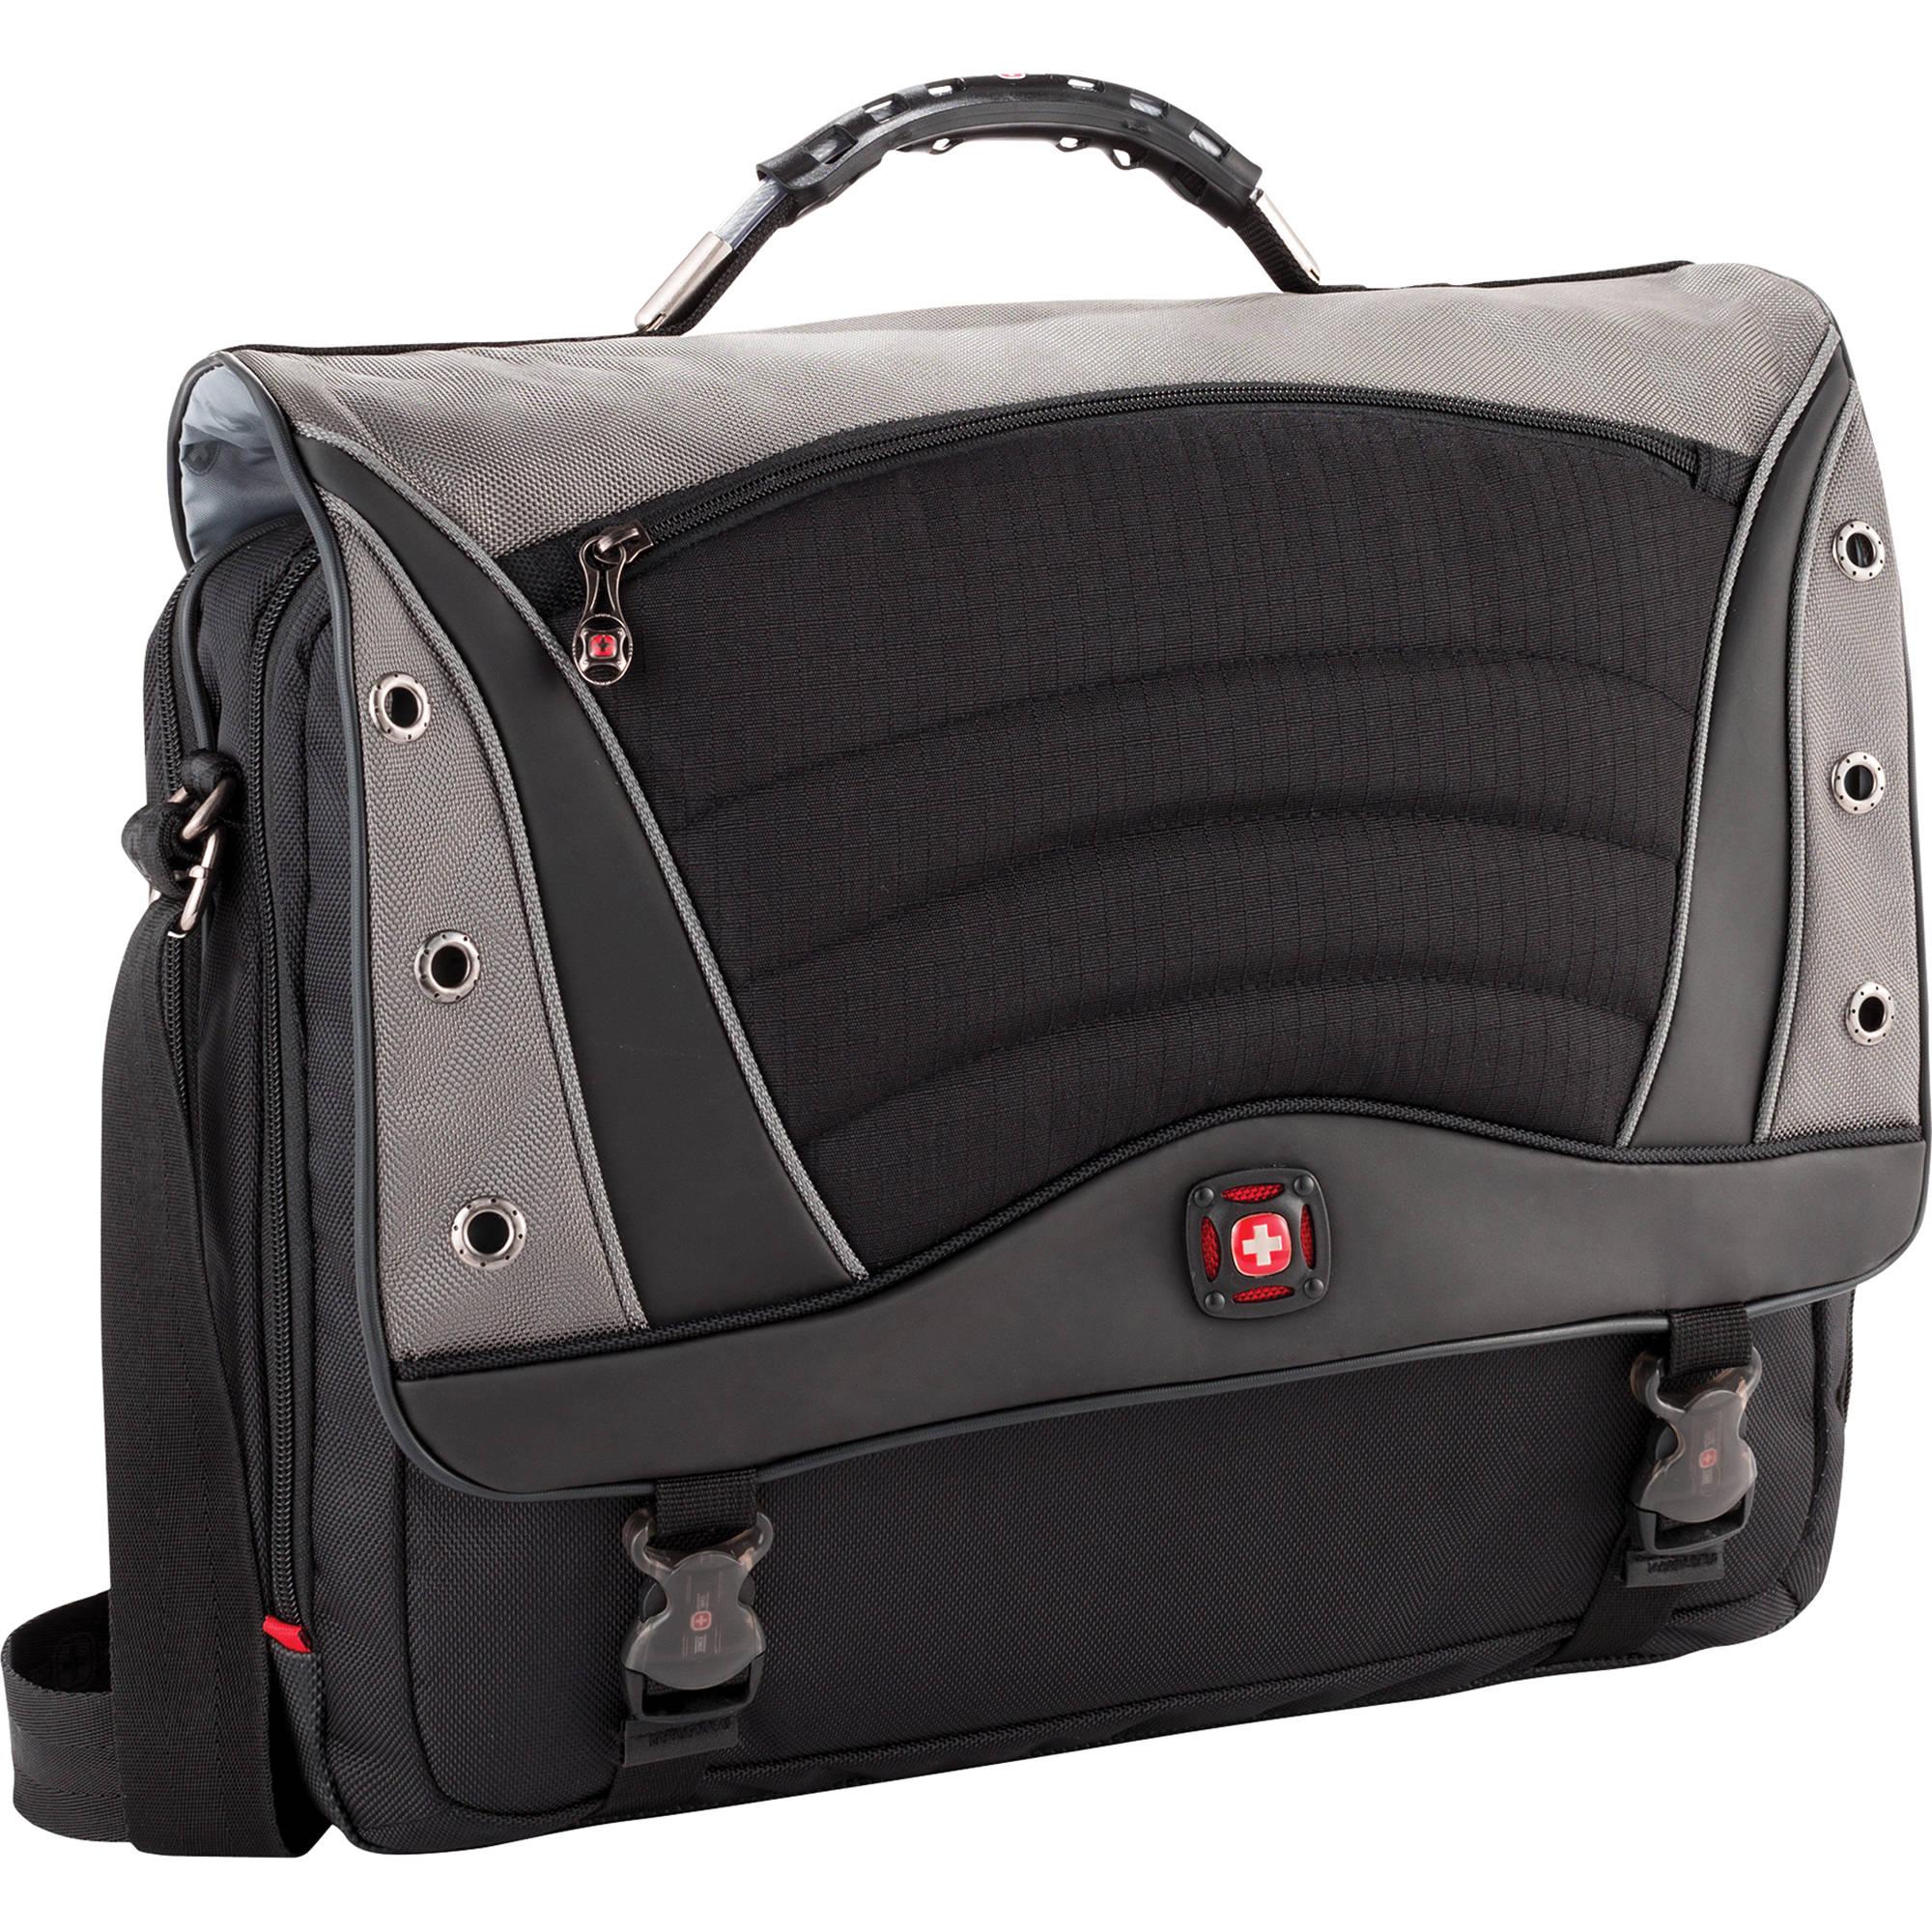 Swissgear Saturn 17 Messenger Bag